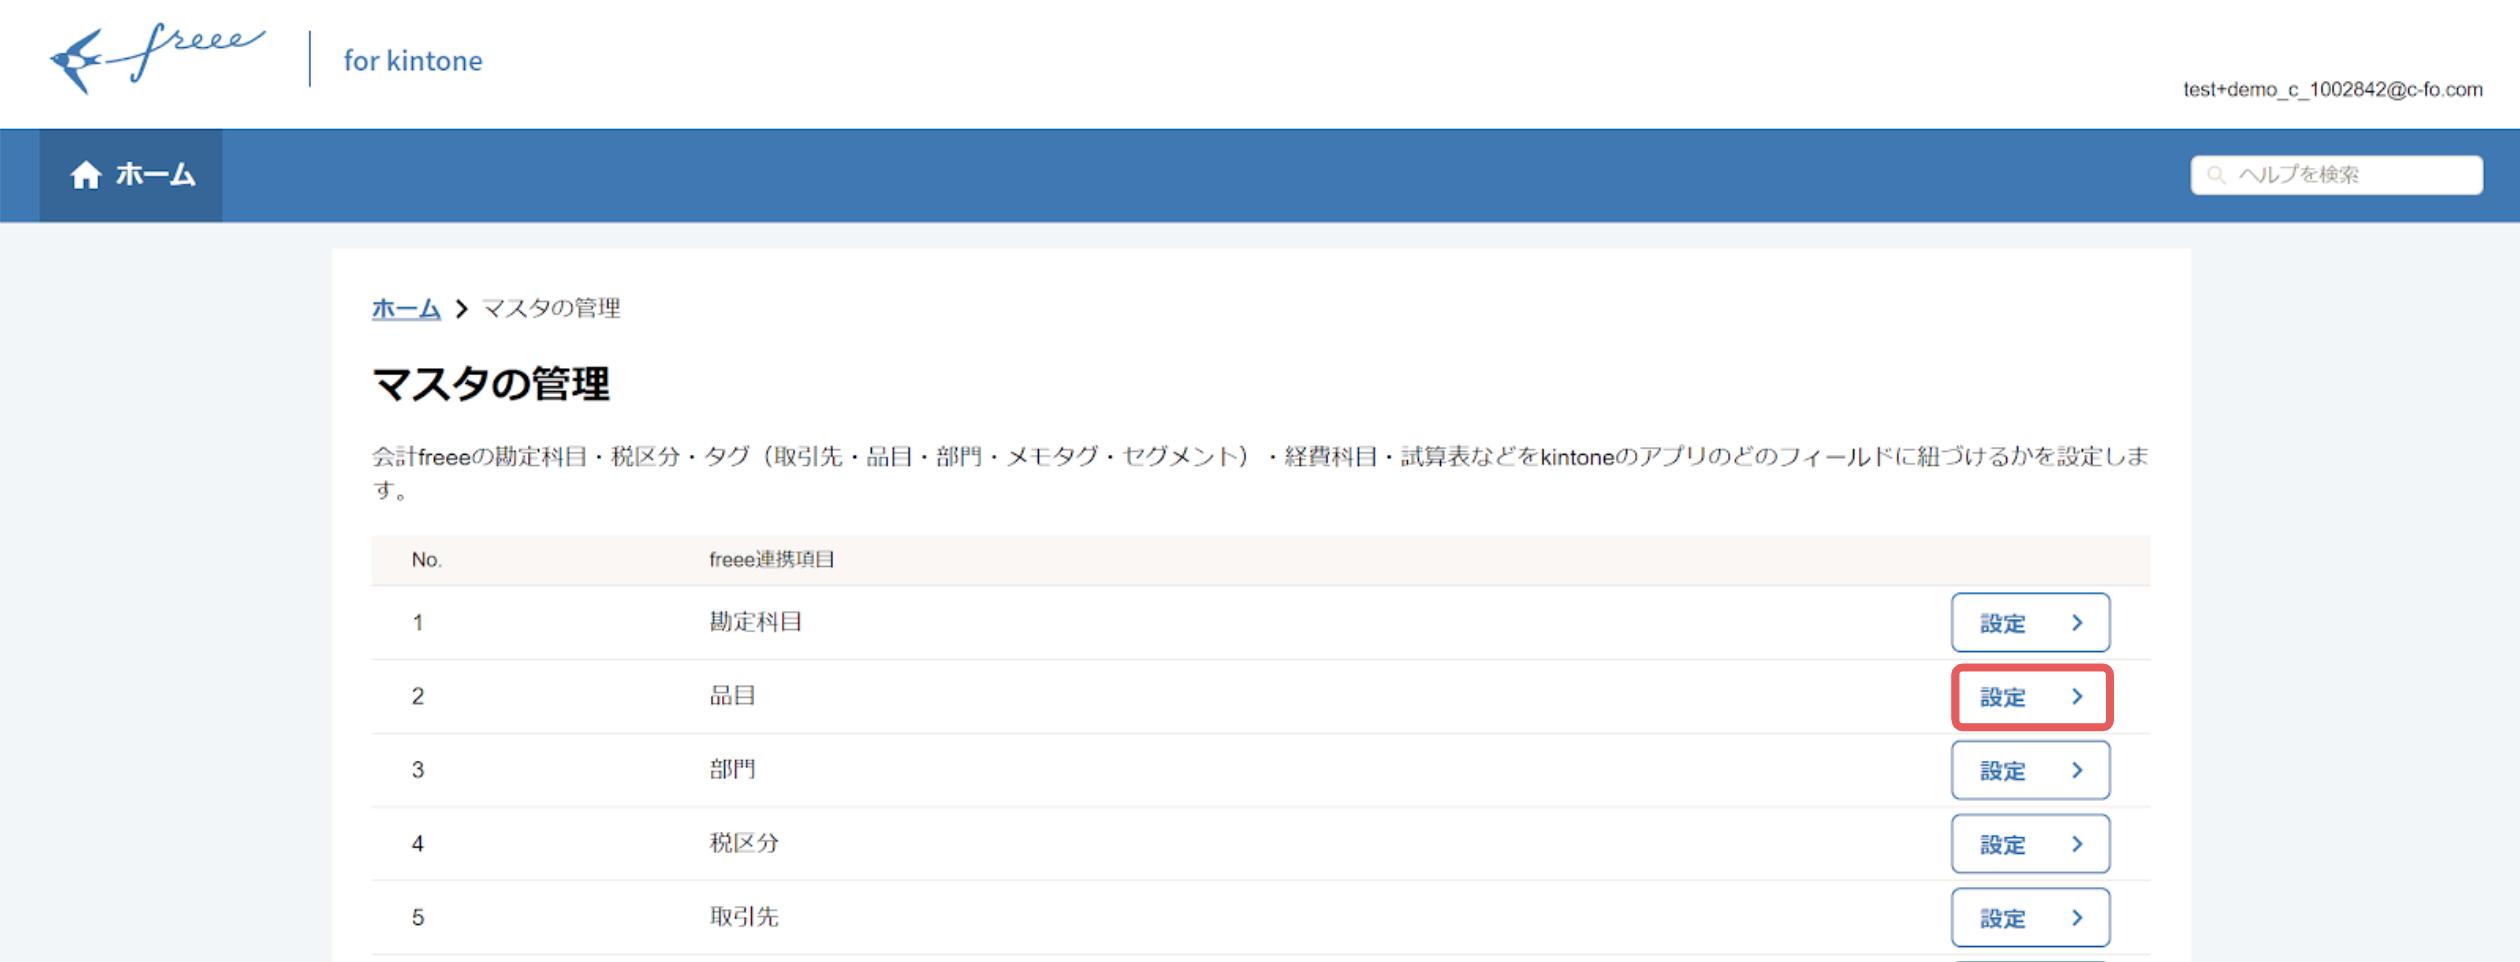 Screen_Shot_2020-07-09_at_16.26.59.png